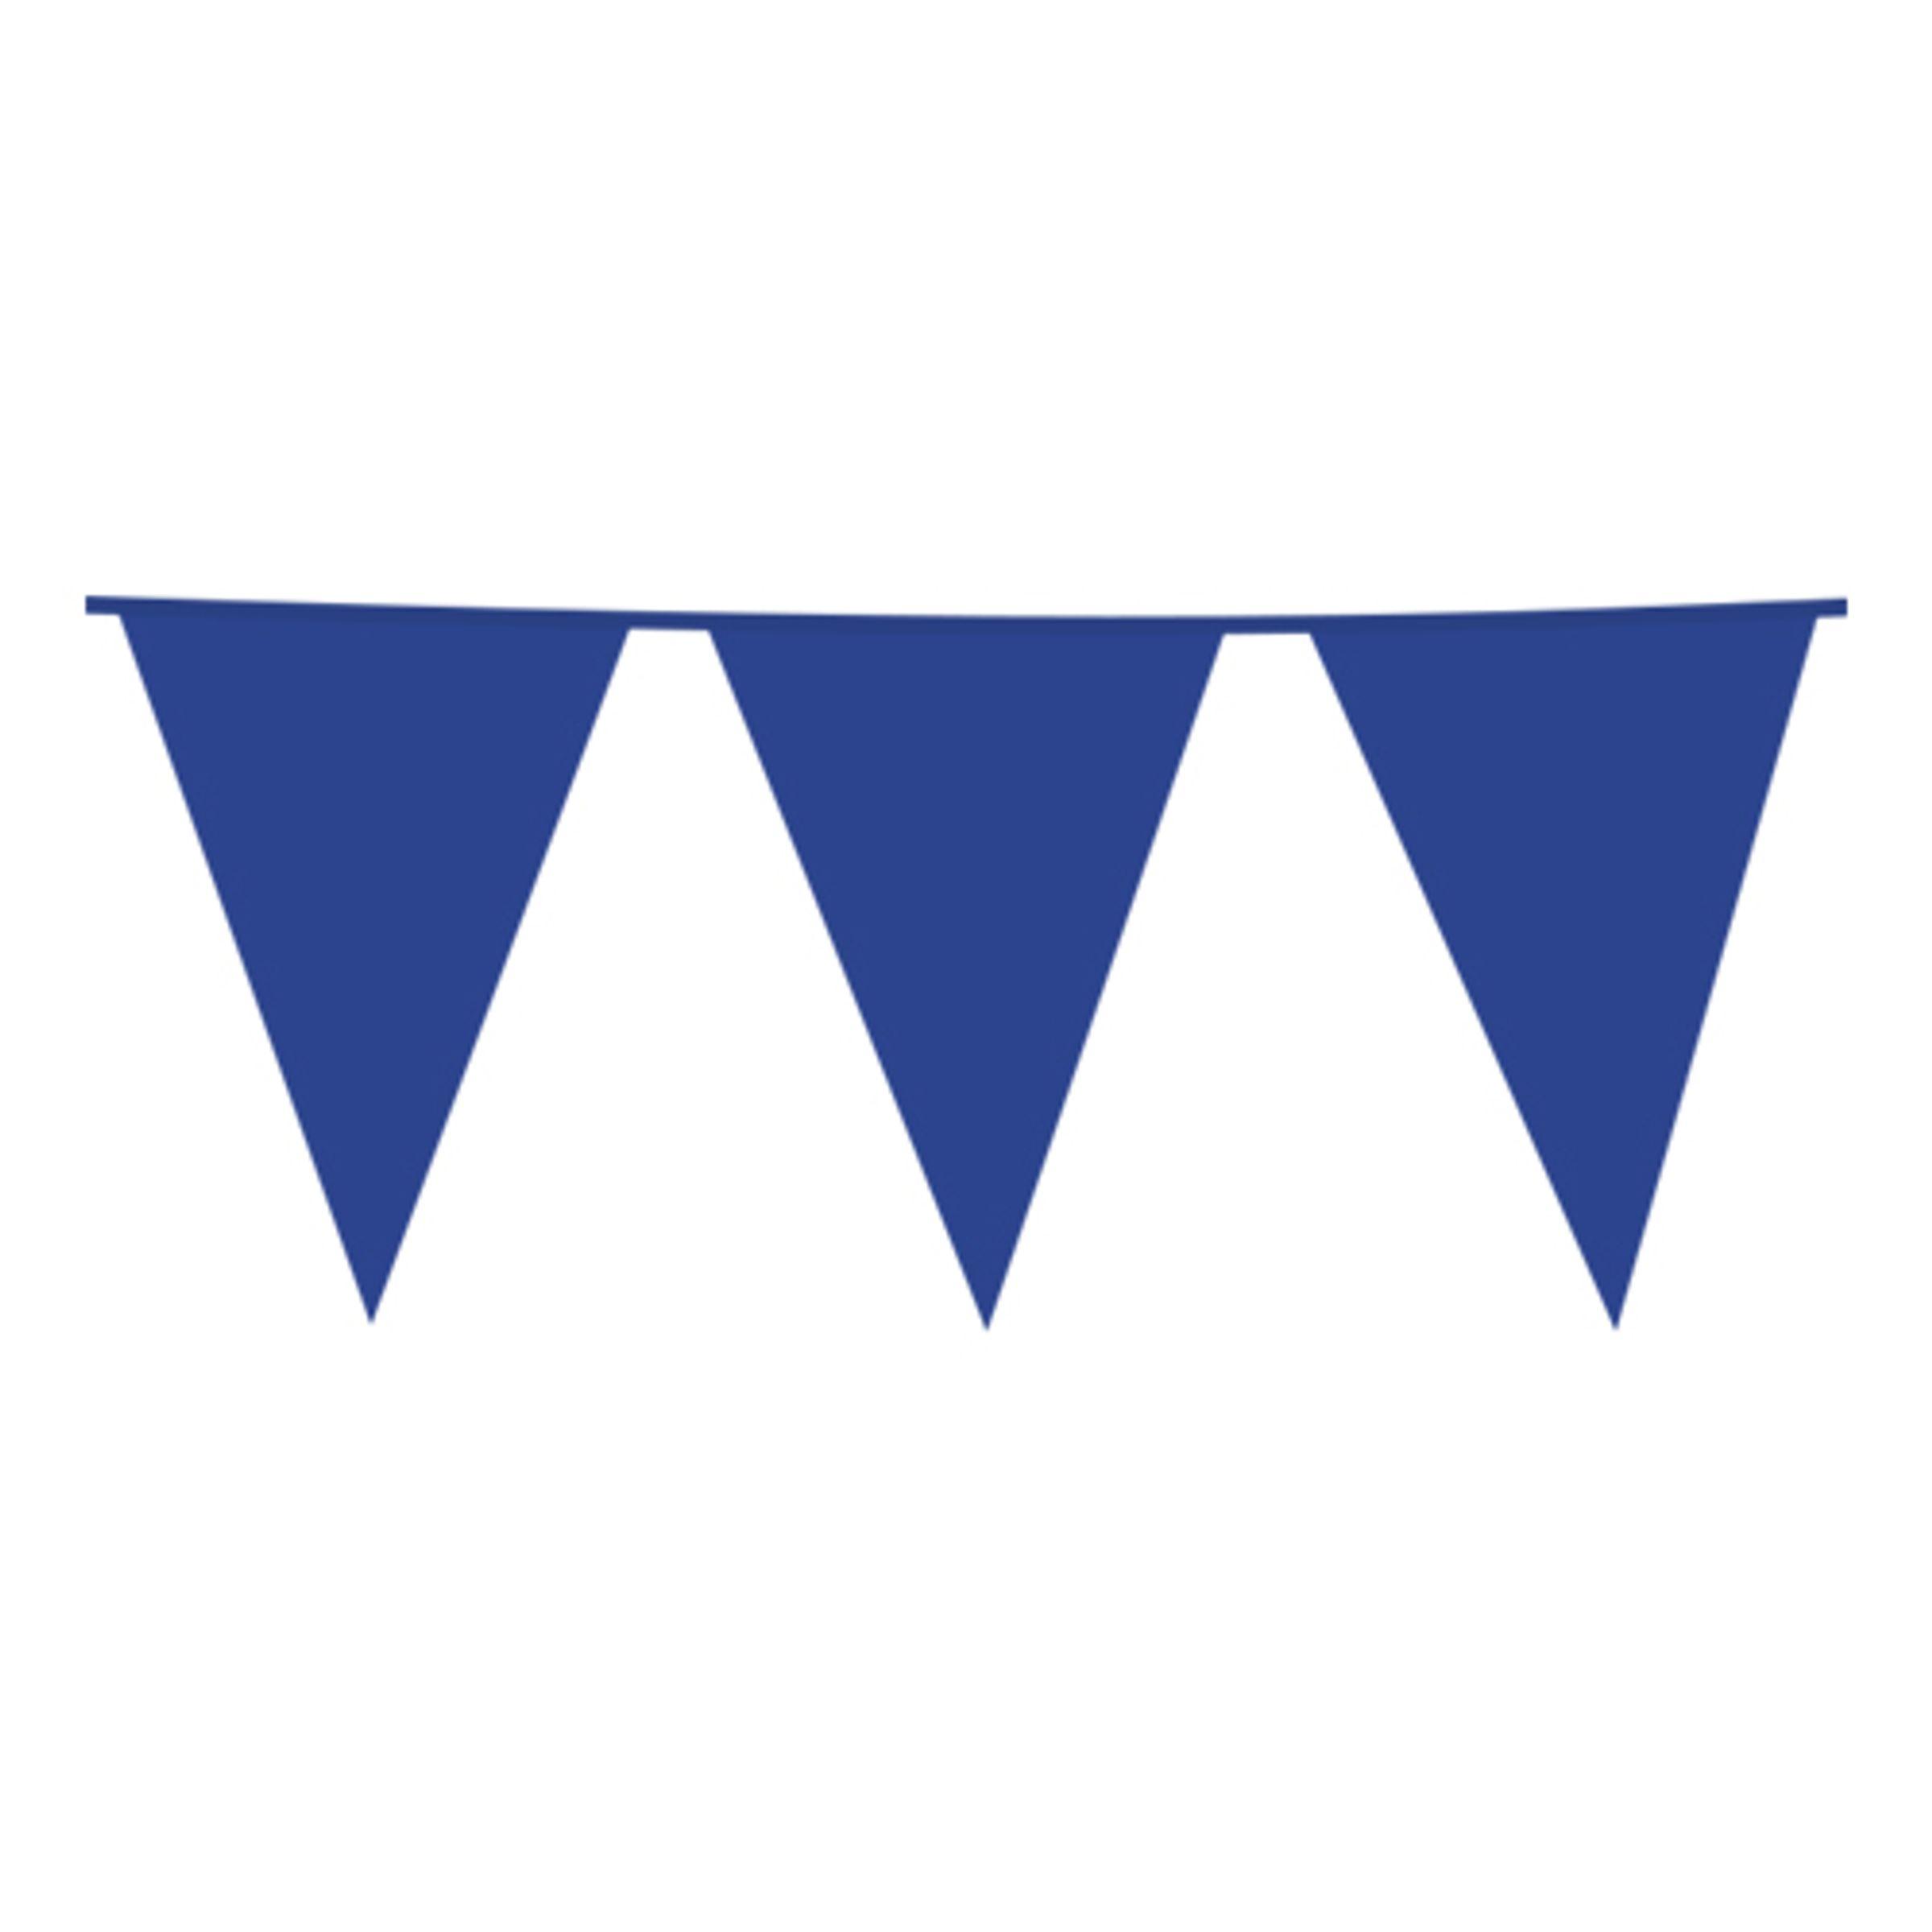 Flaggirlang Blå - 10 meter